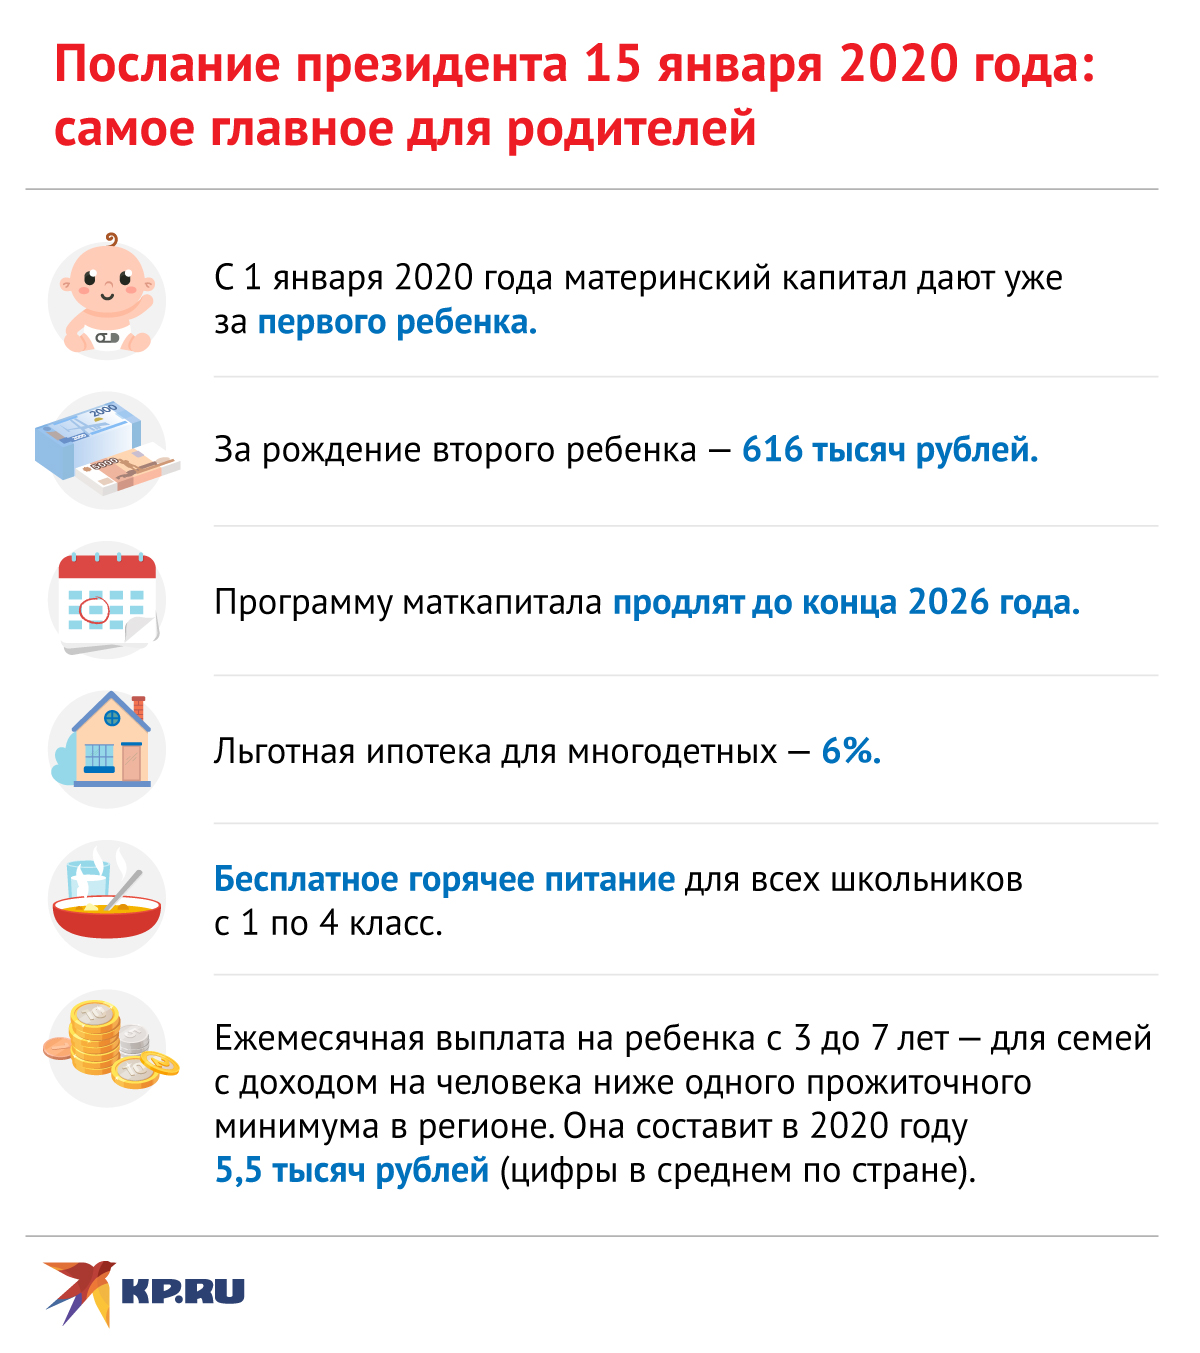 Продать мат капитал в москве